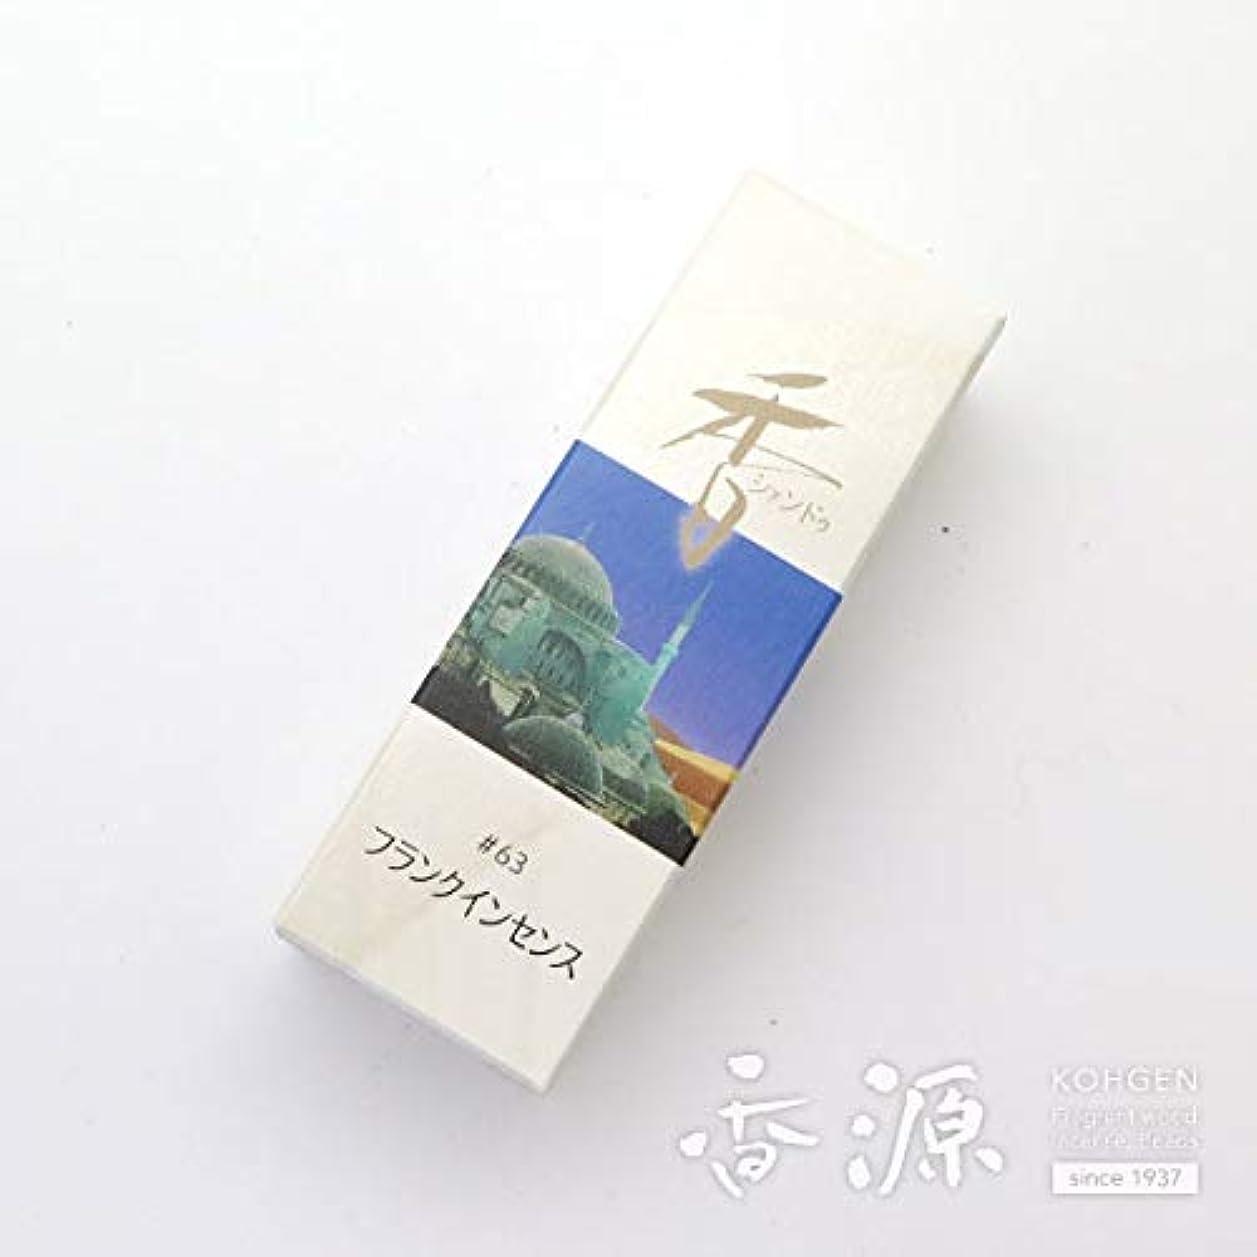 出演者気性罪人Xiang Do(シャンドゥ) 松栄堂のお香 フランクインセンス ST20本入 簡易香立付 #214263